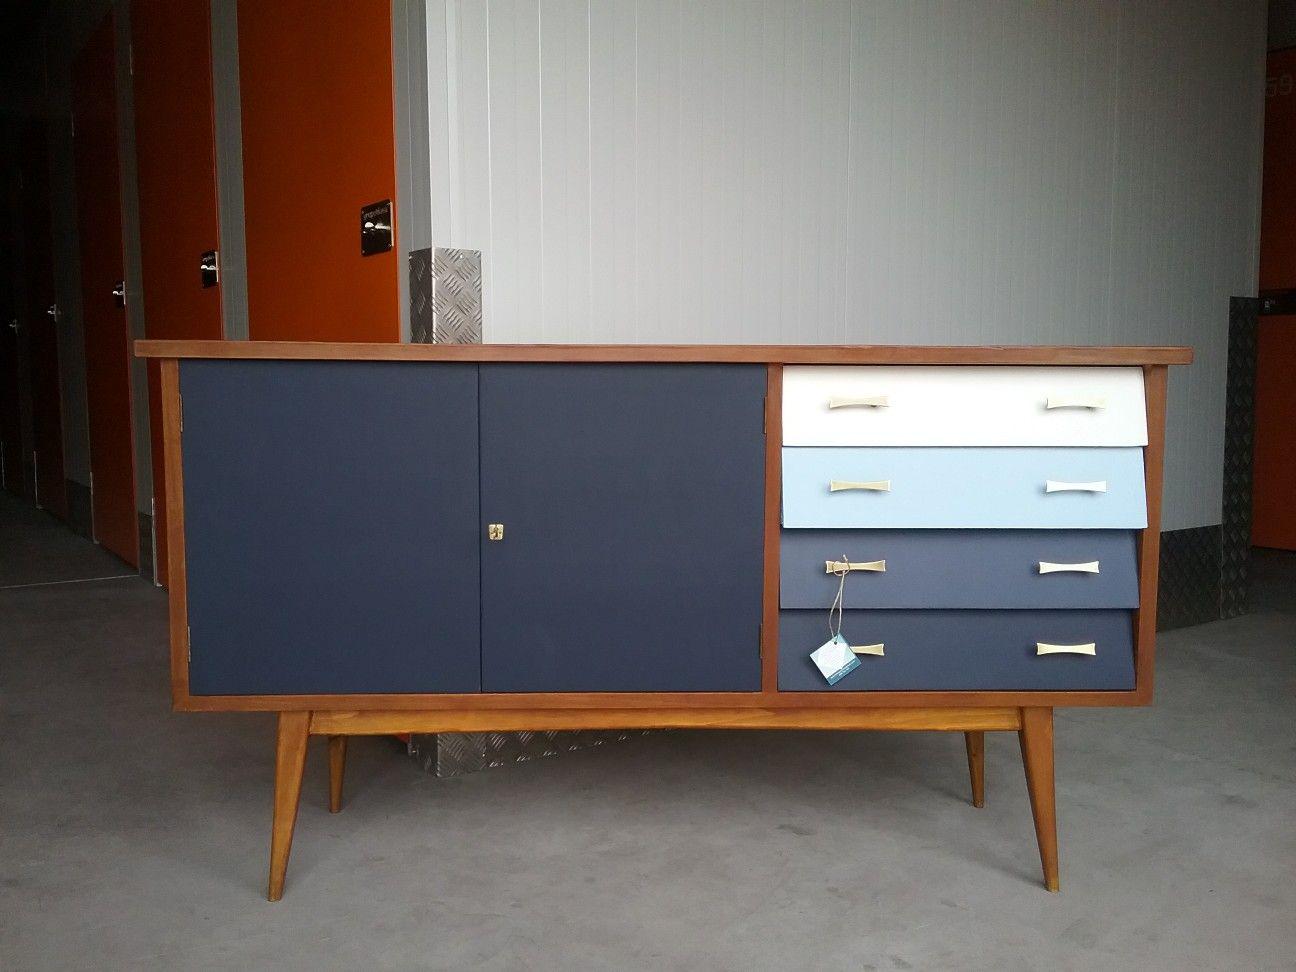 Aparador vintage 60'S mueble Diseño nórdico escandinavo